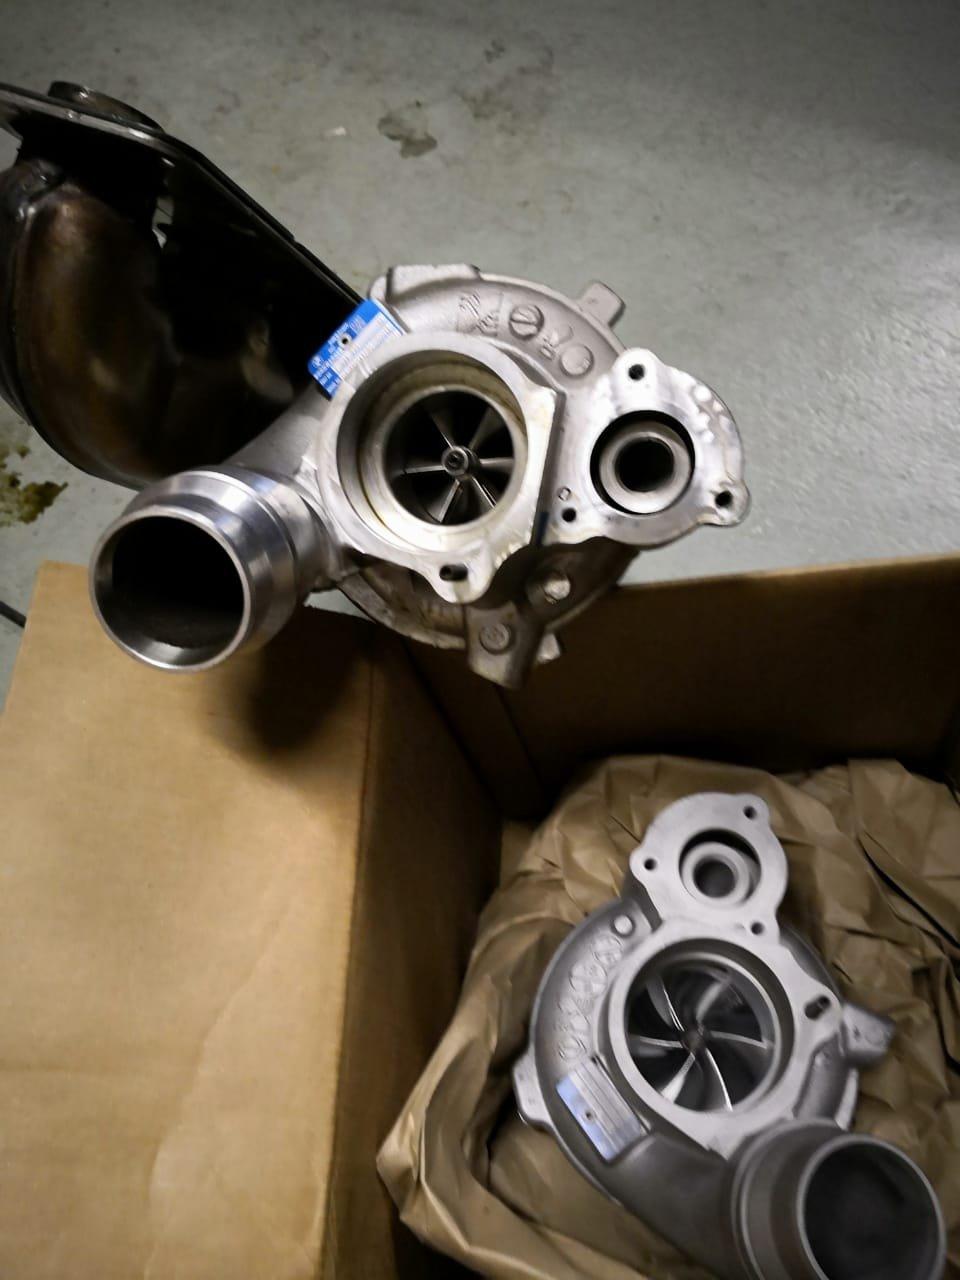 Pure Stage 2 turbo PWG - N55